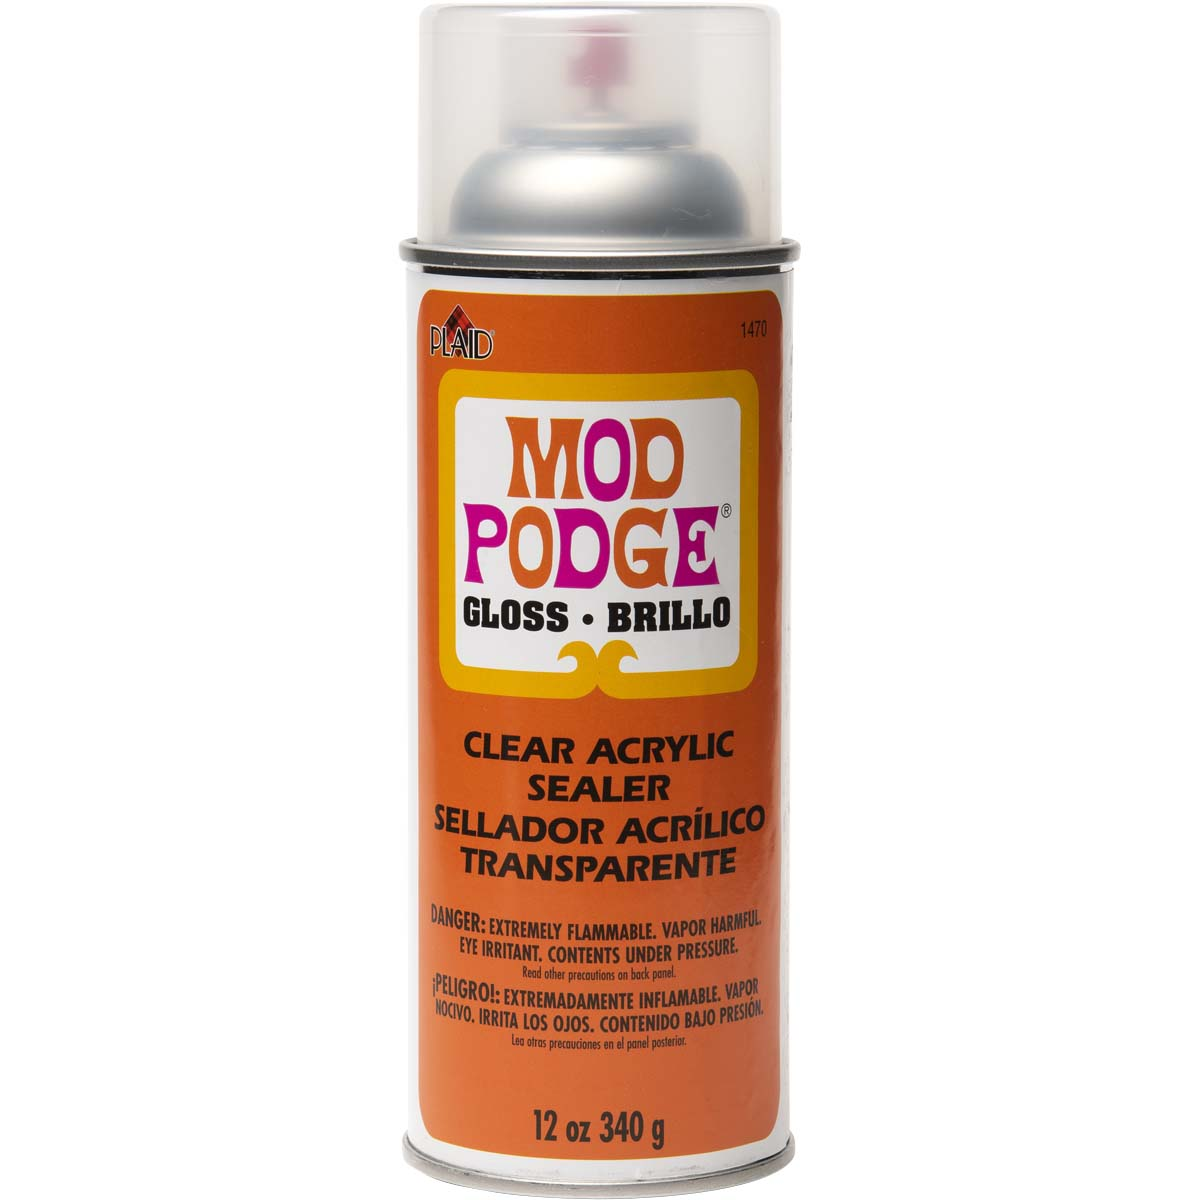 Mod Podge ® Clear Acrylic Sealer - Gloss, 12 oz. - 1470